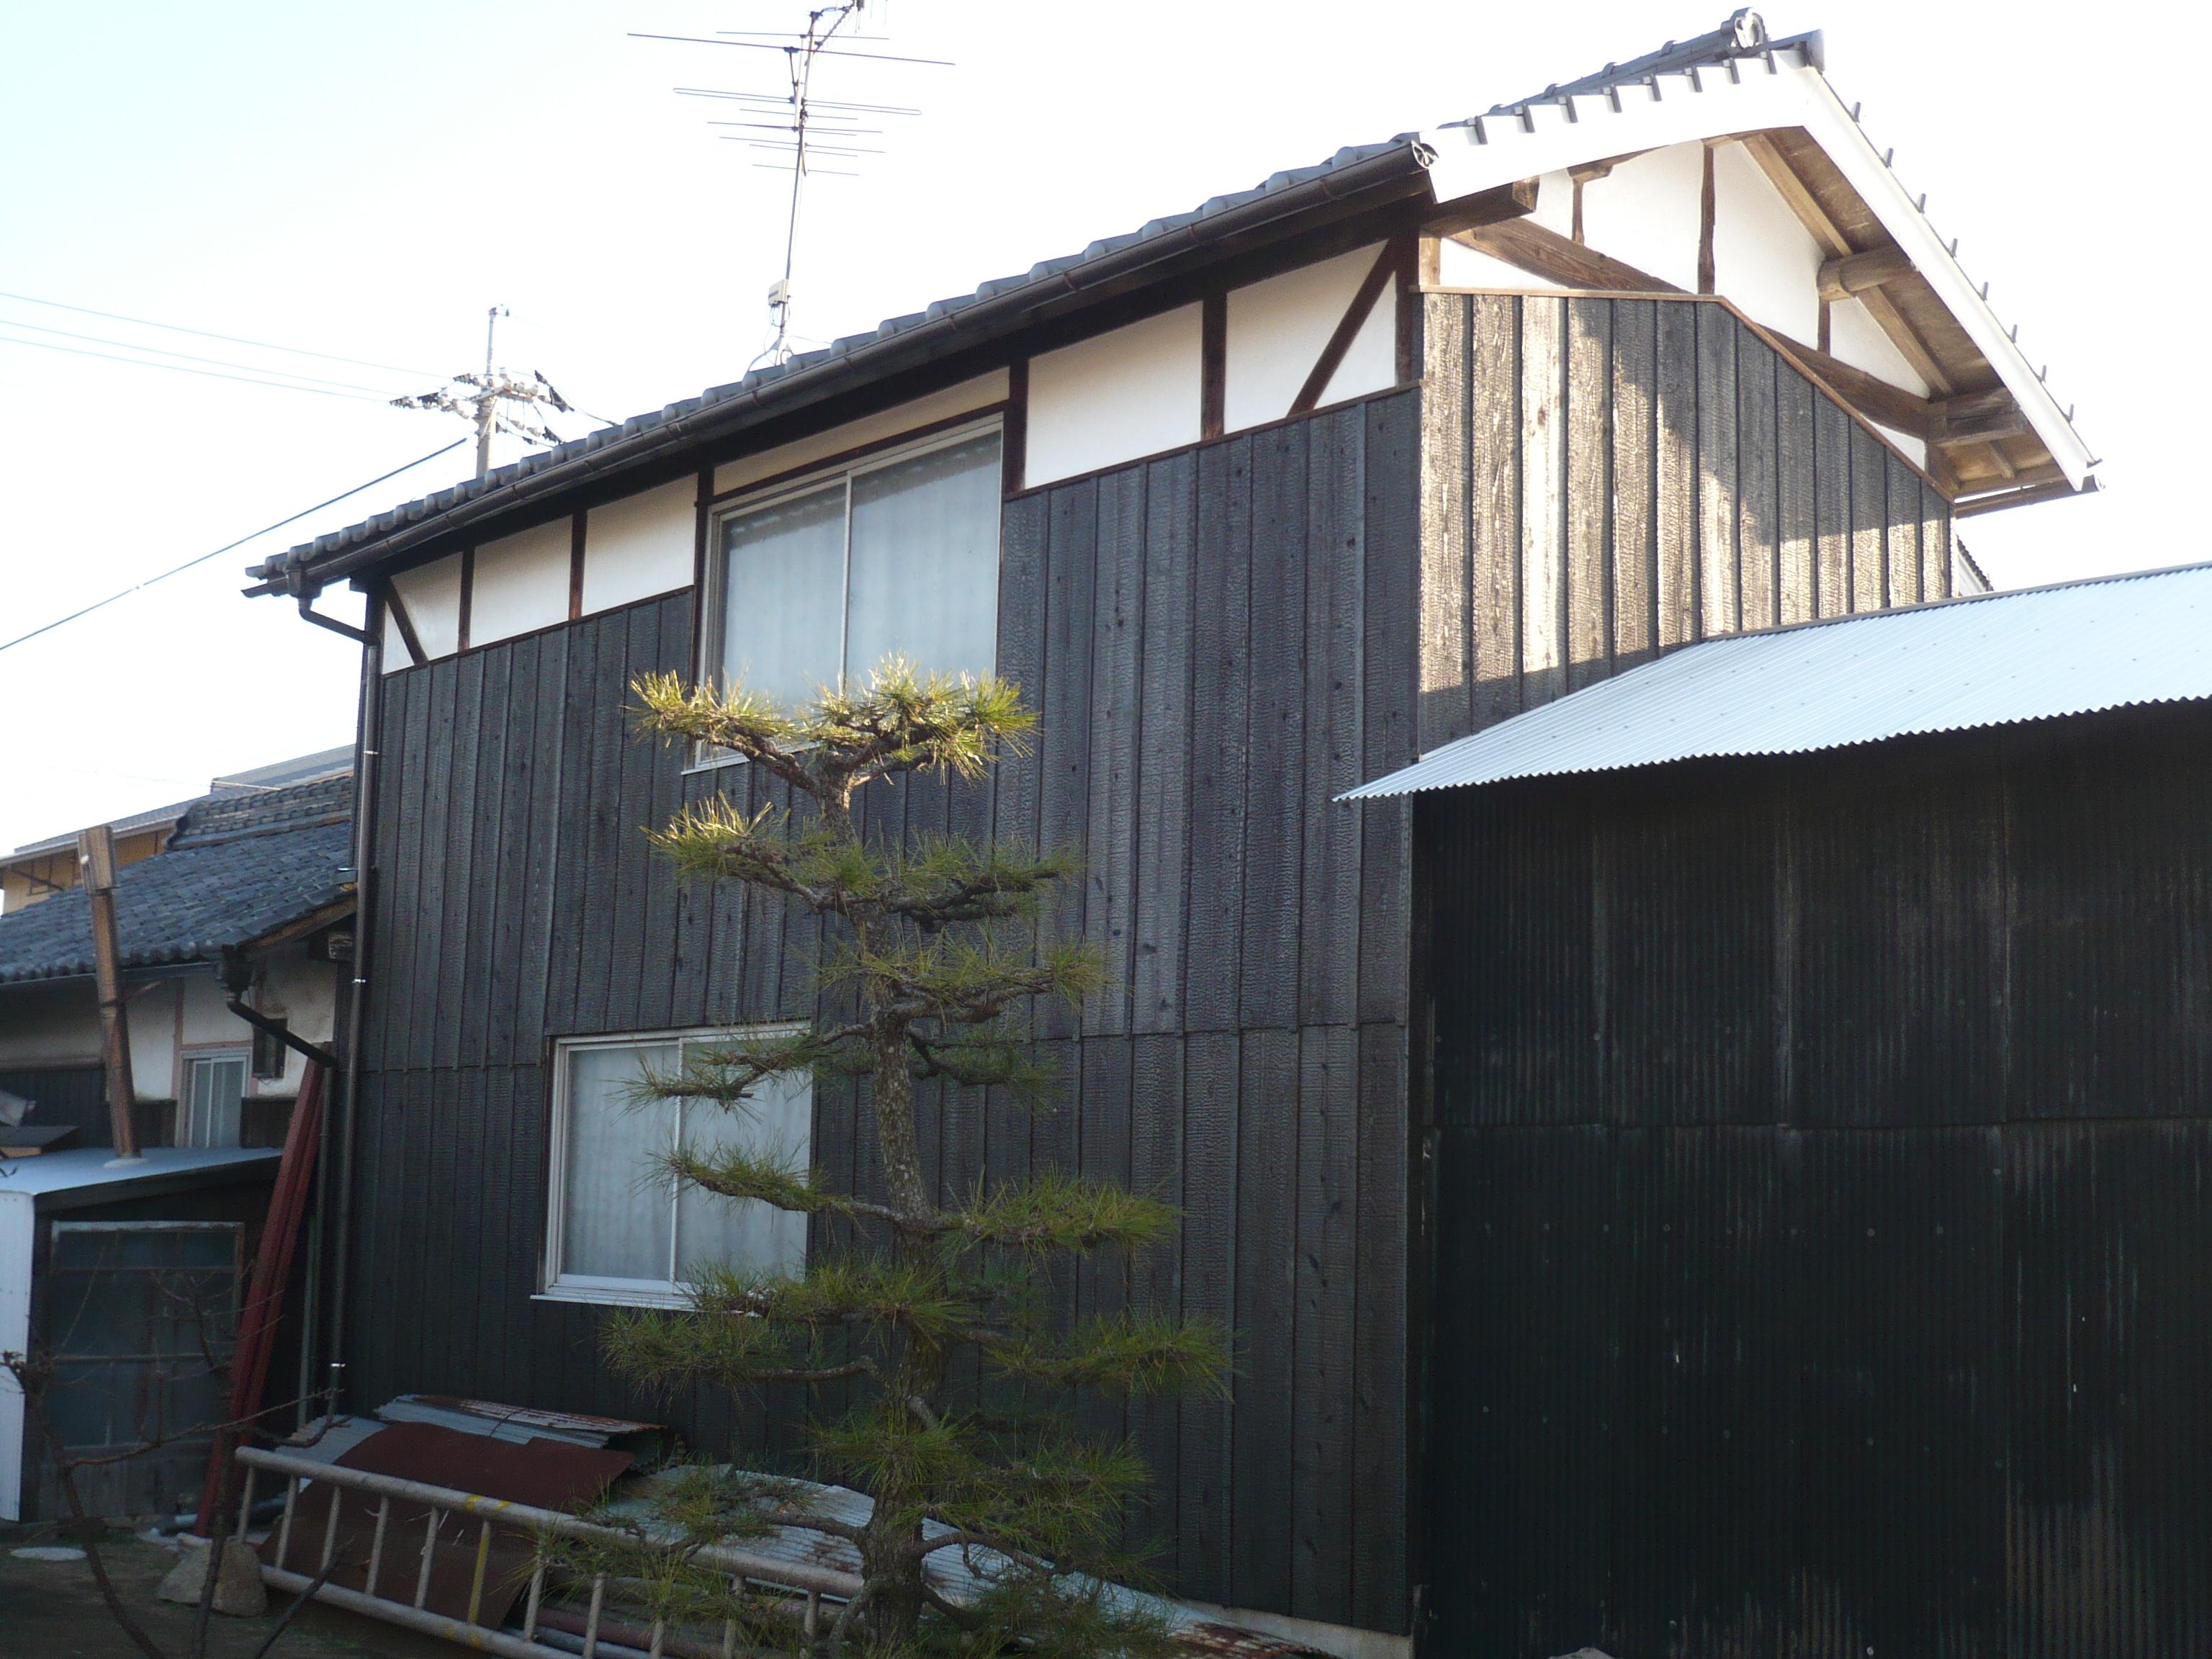 痛んでいた納戸の外壁などを補修することで、まだまだ新品のような建物になります。